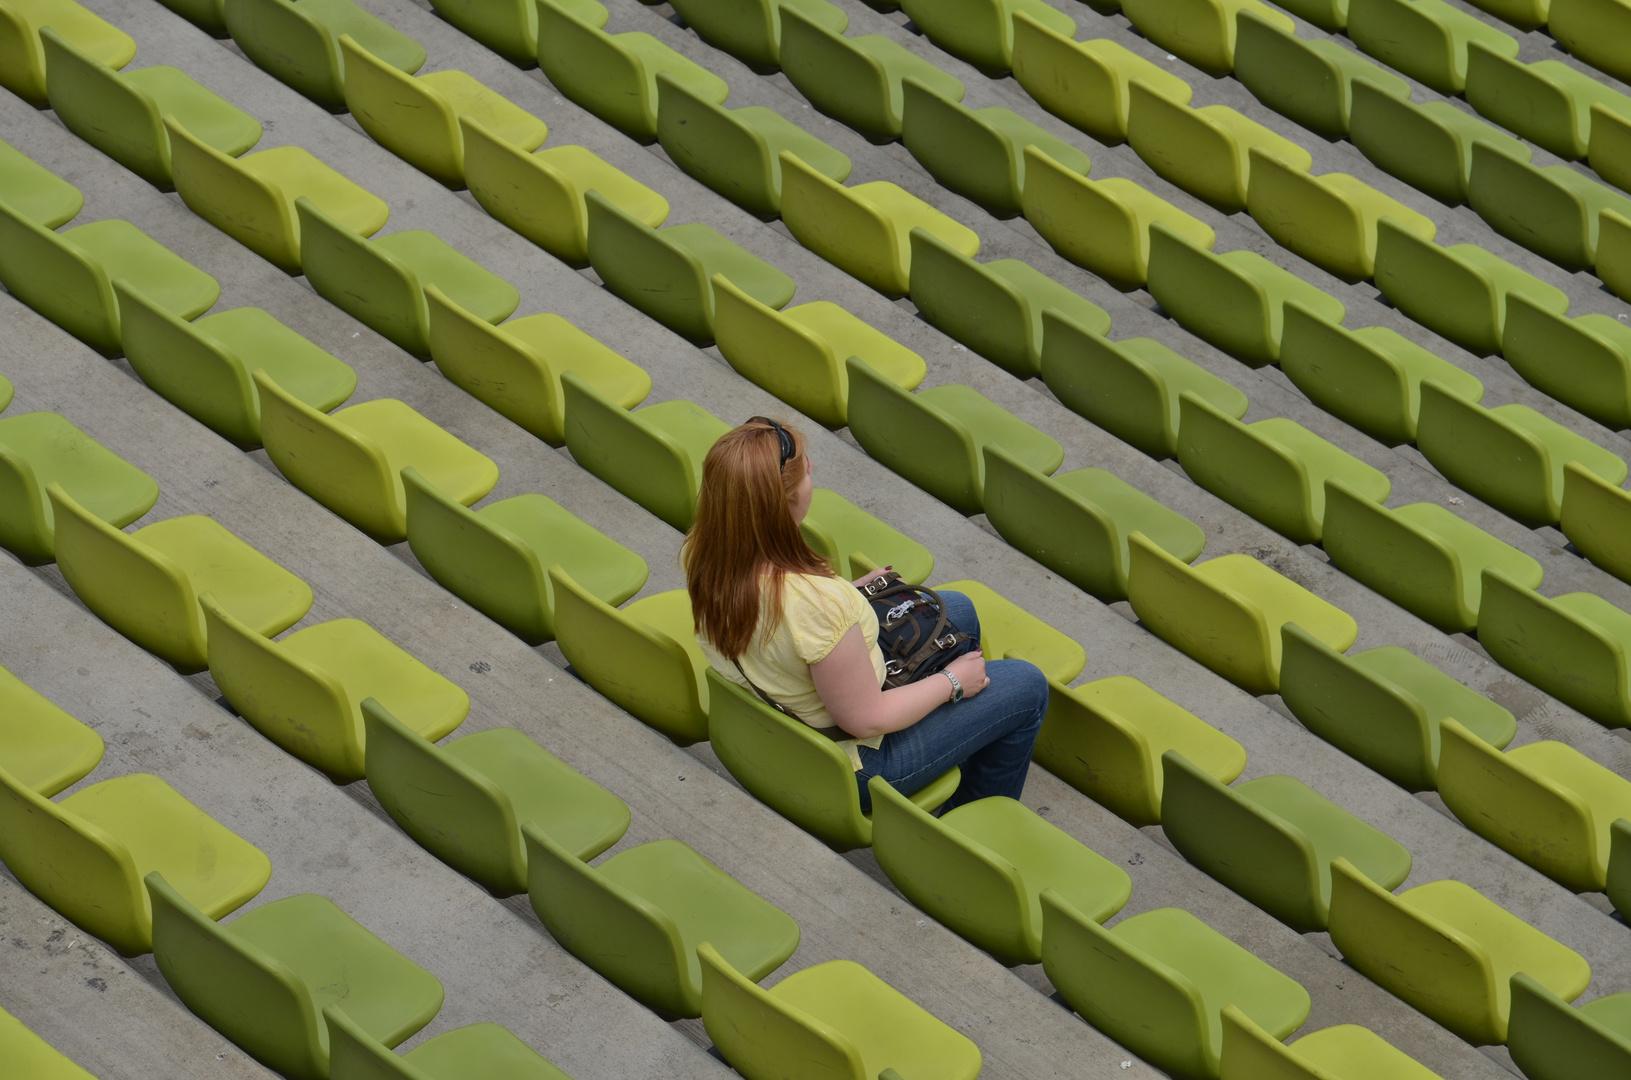 Wo sind denn die anderen Zuschauer?!